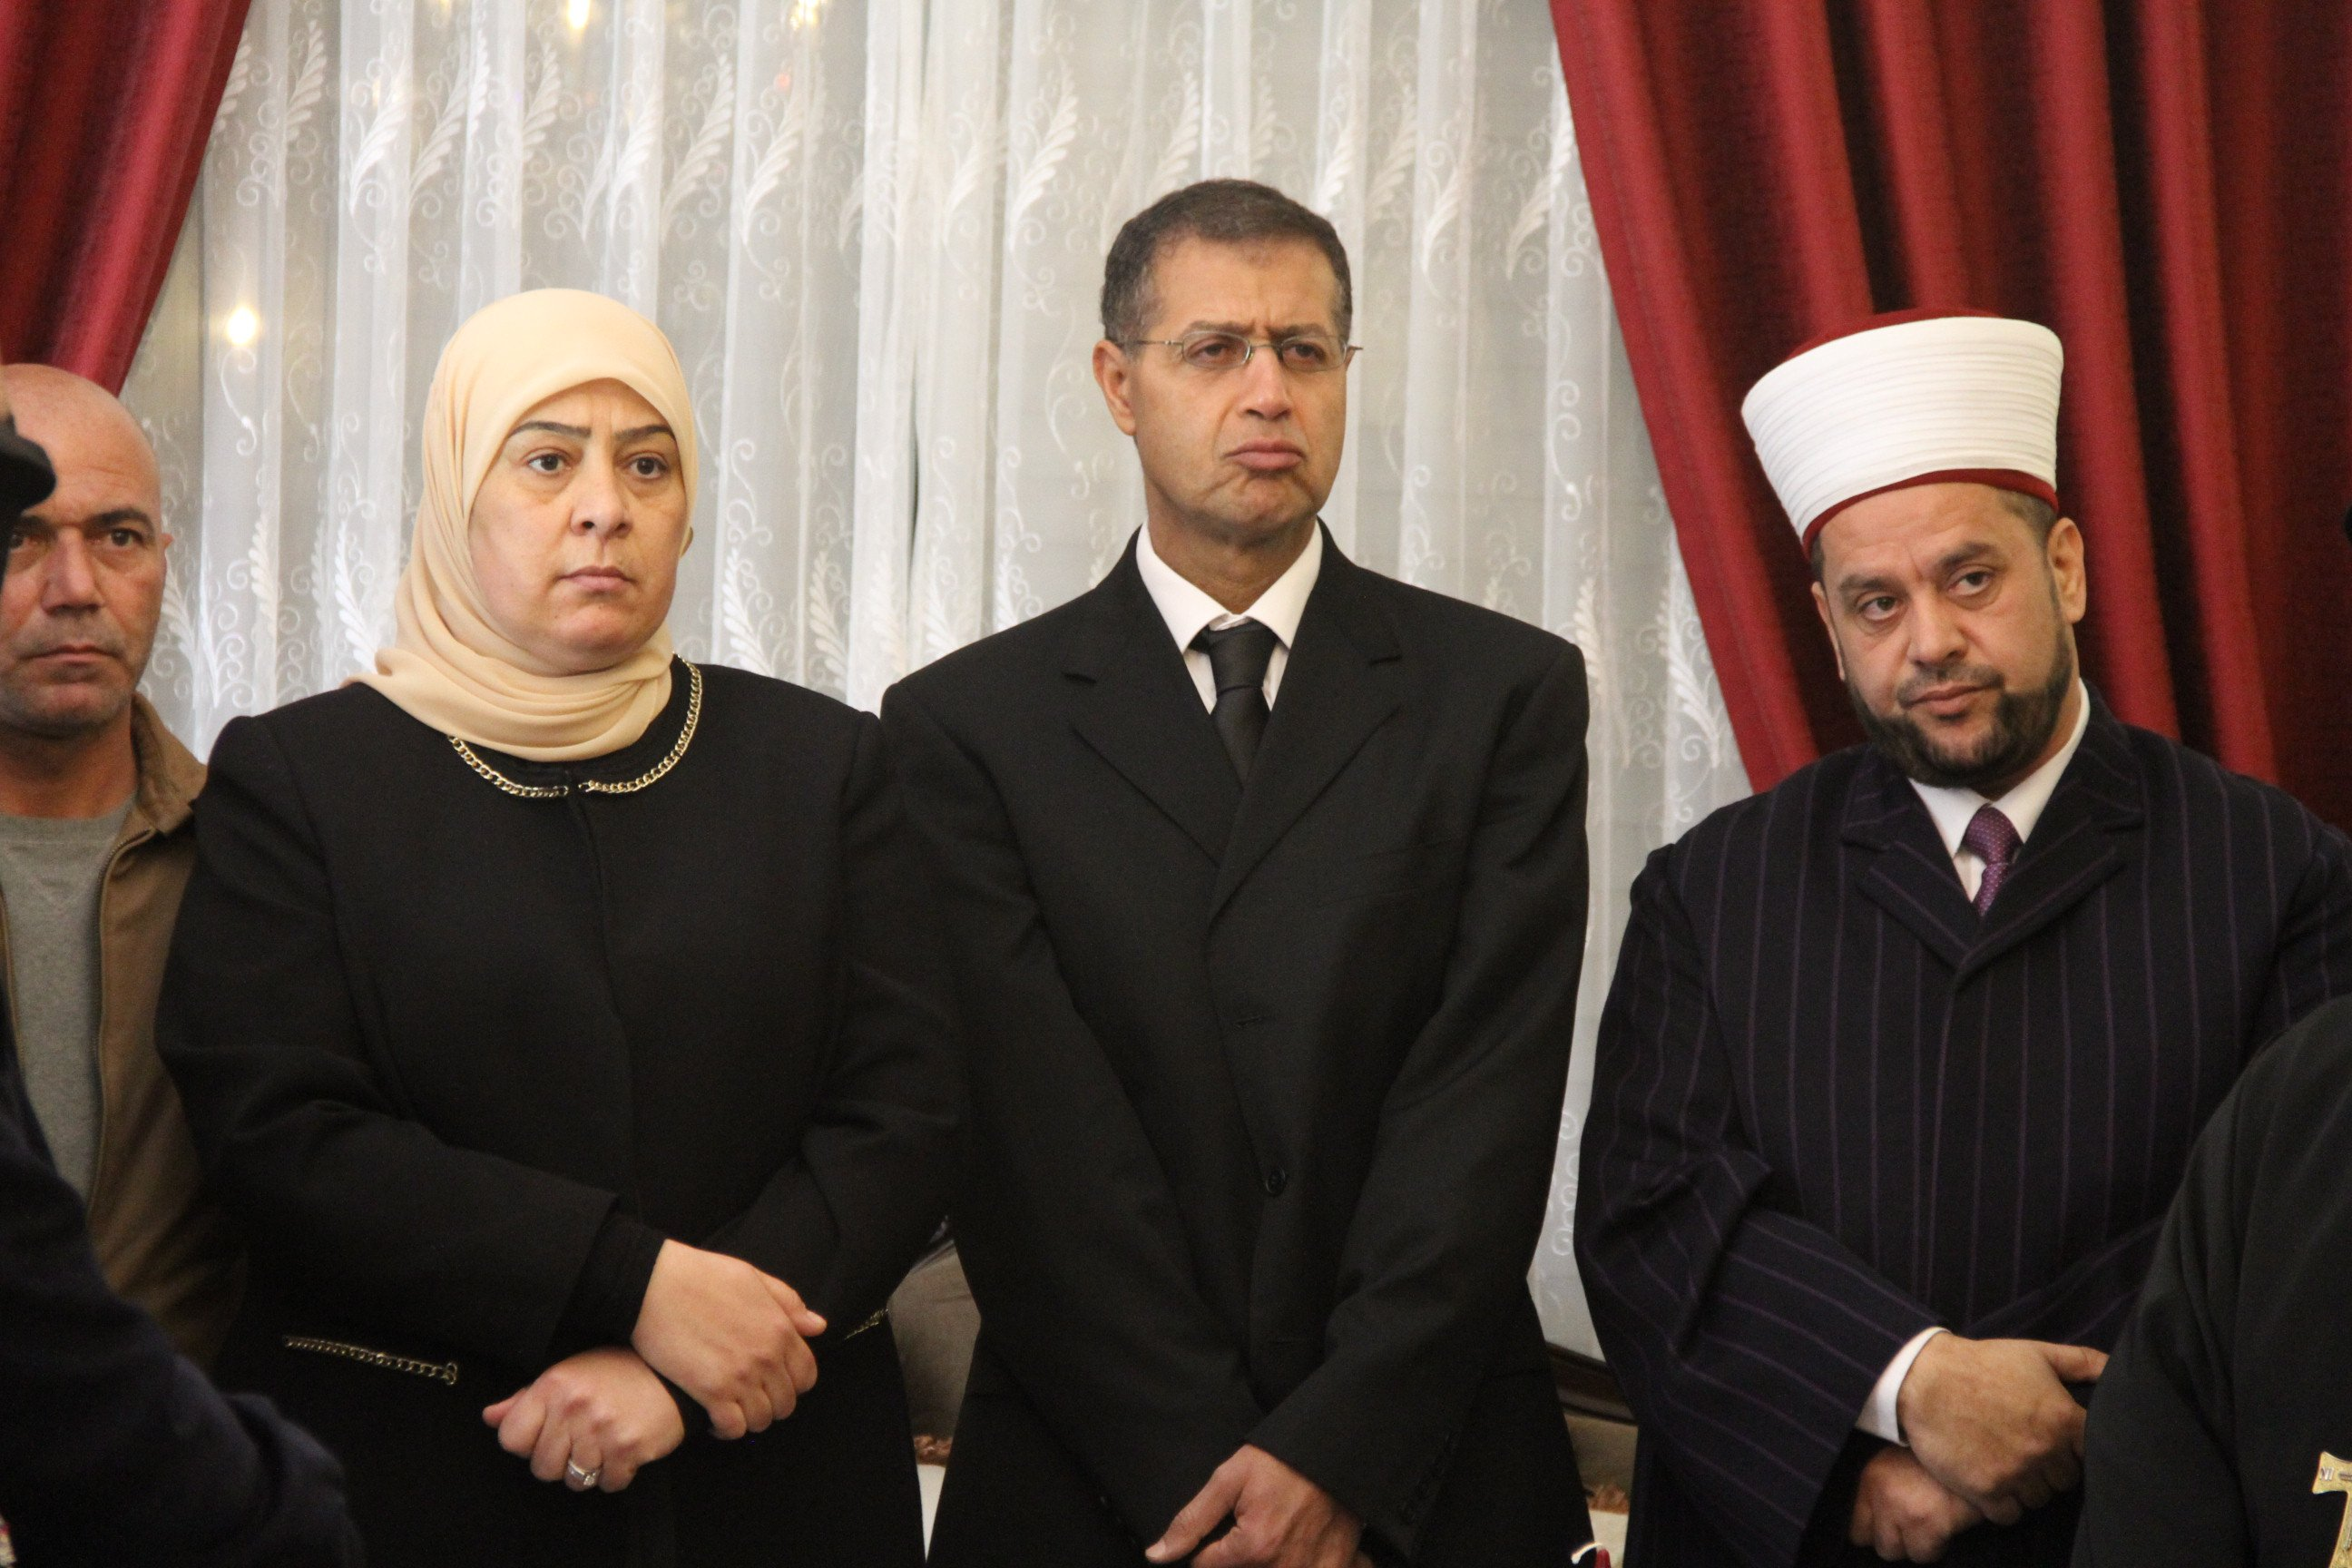 محافظ رام الله ورجال دين يزورون السفير المصري ويؤكدون أن الألم واحد